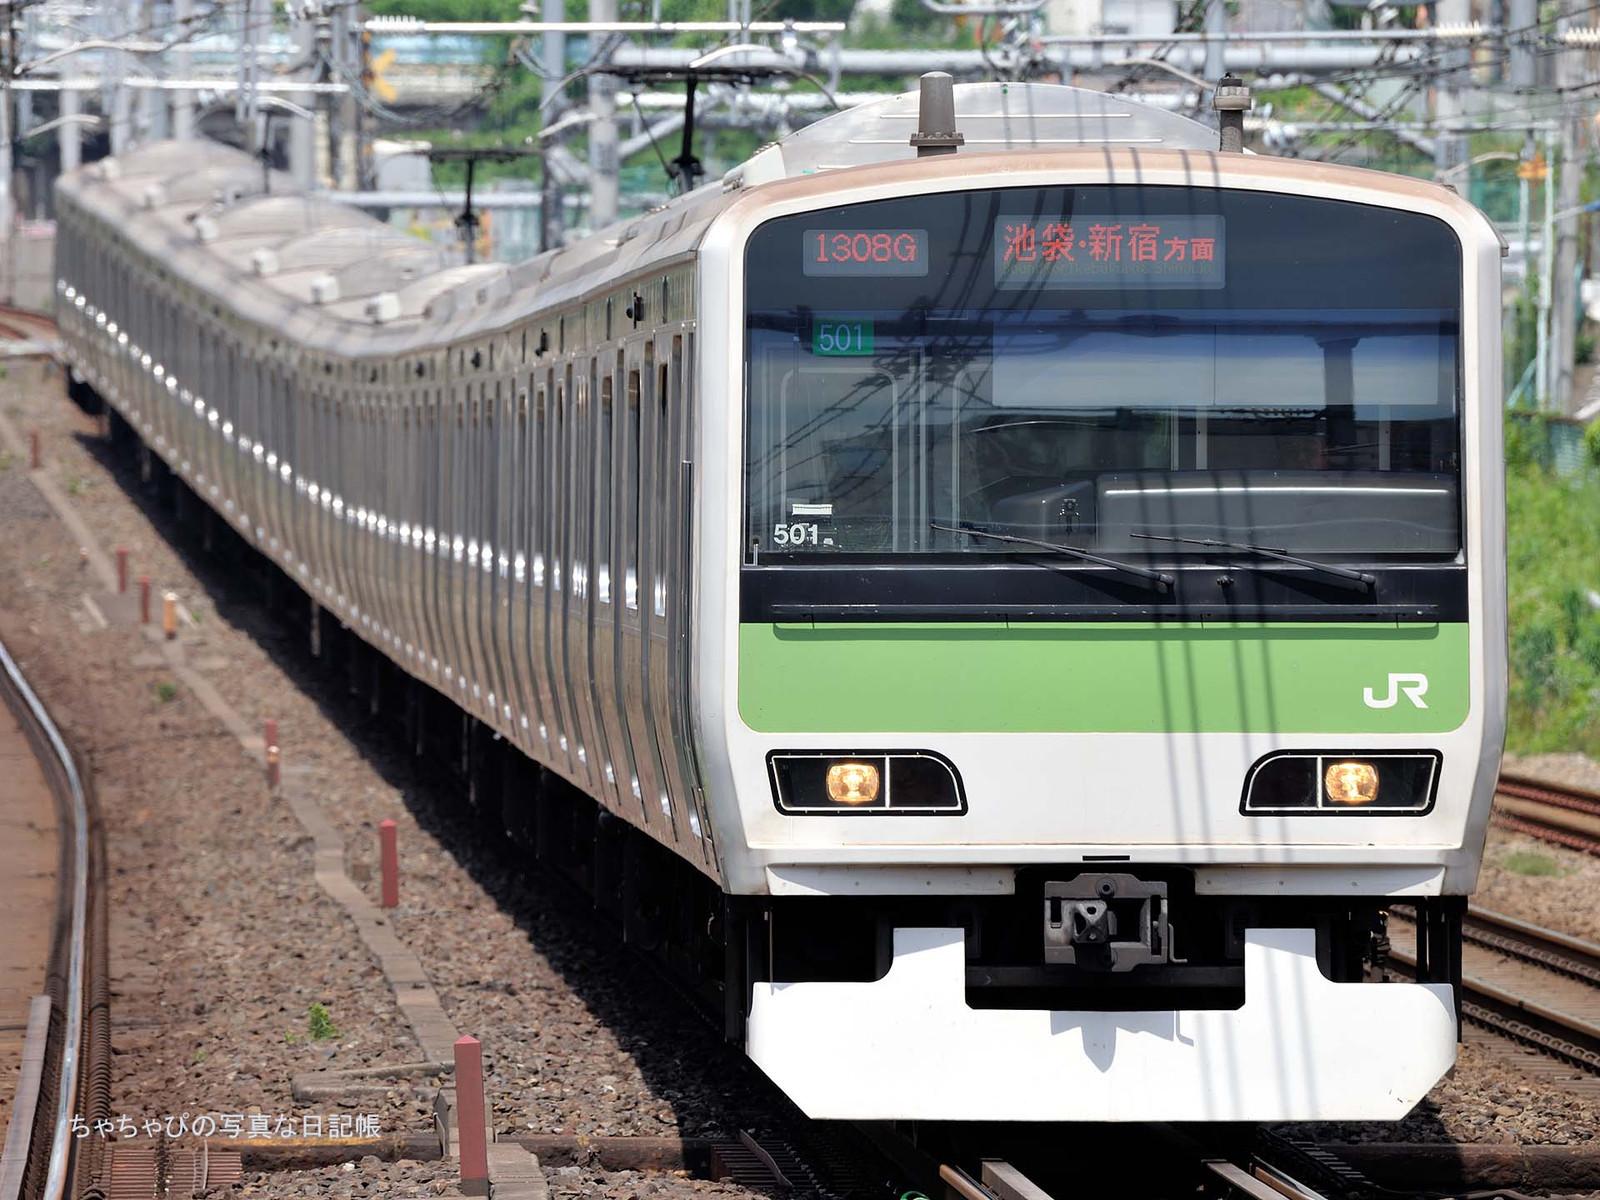 E231系500番台 -1308ゥ 501編成-